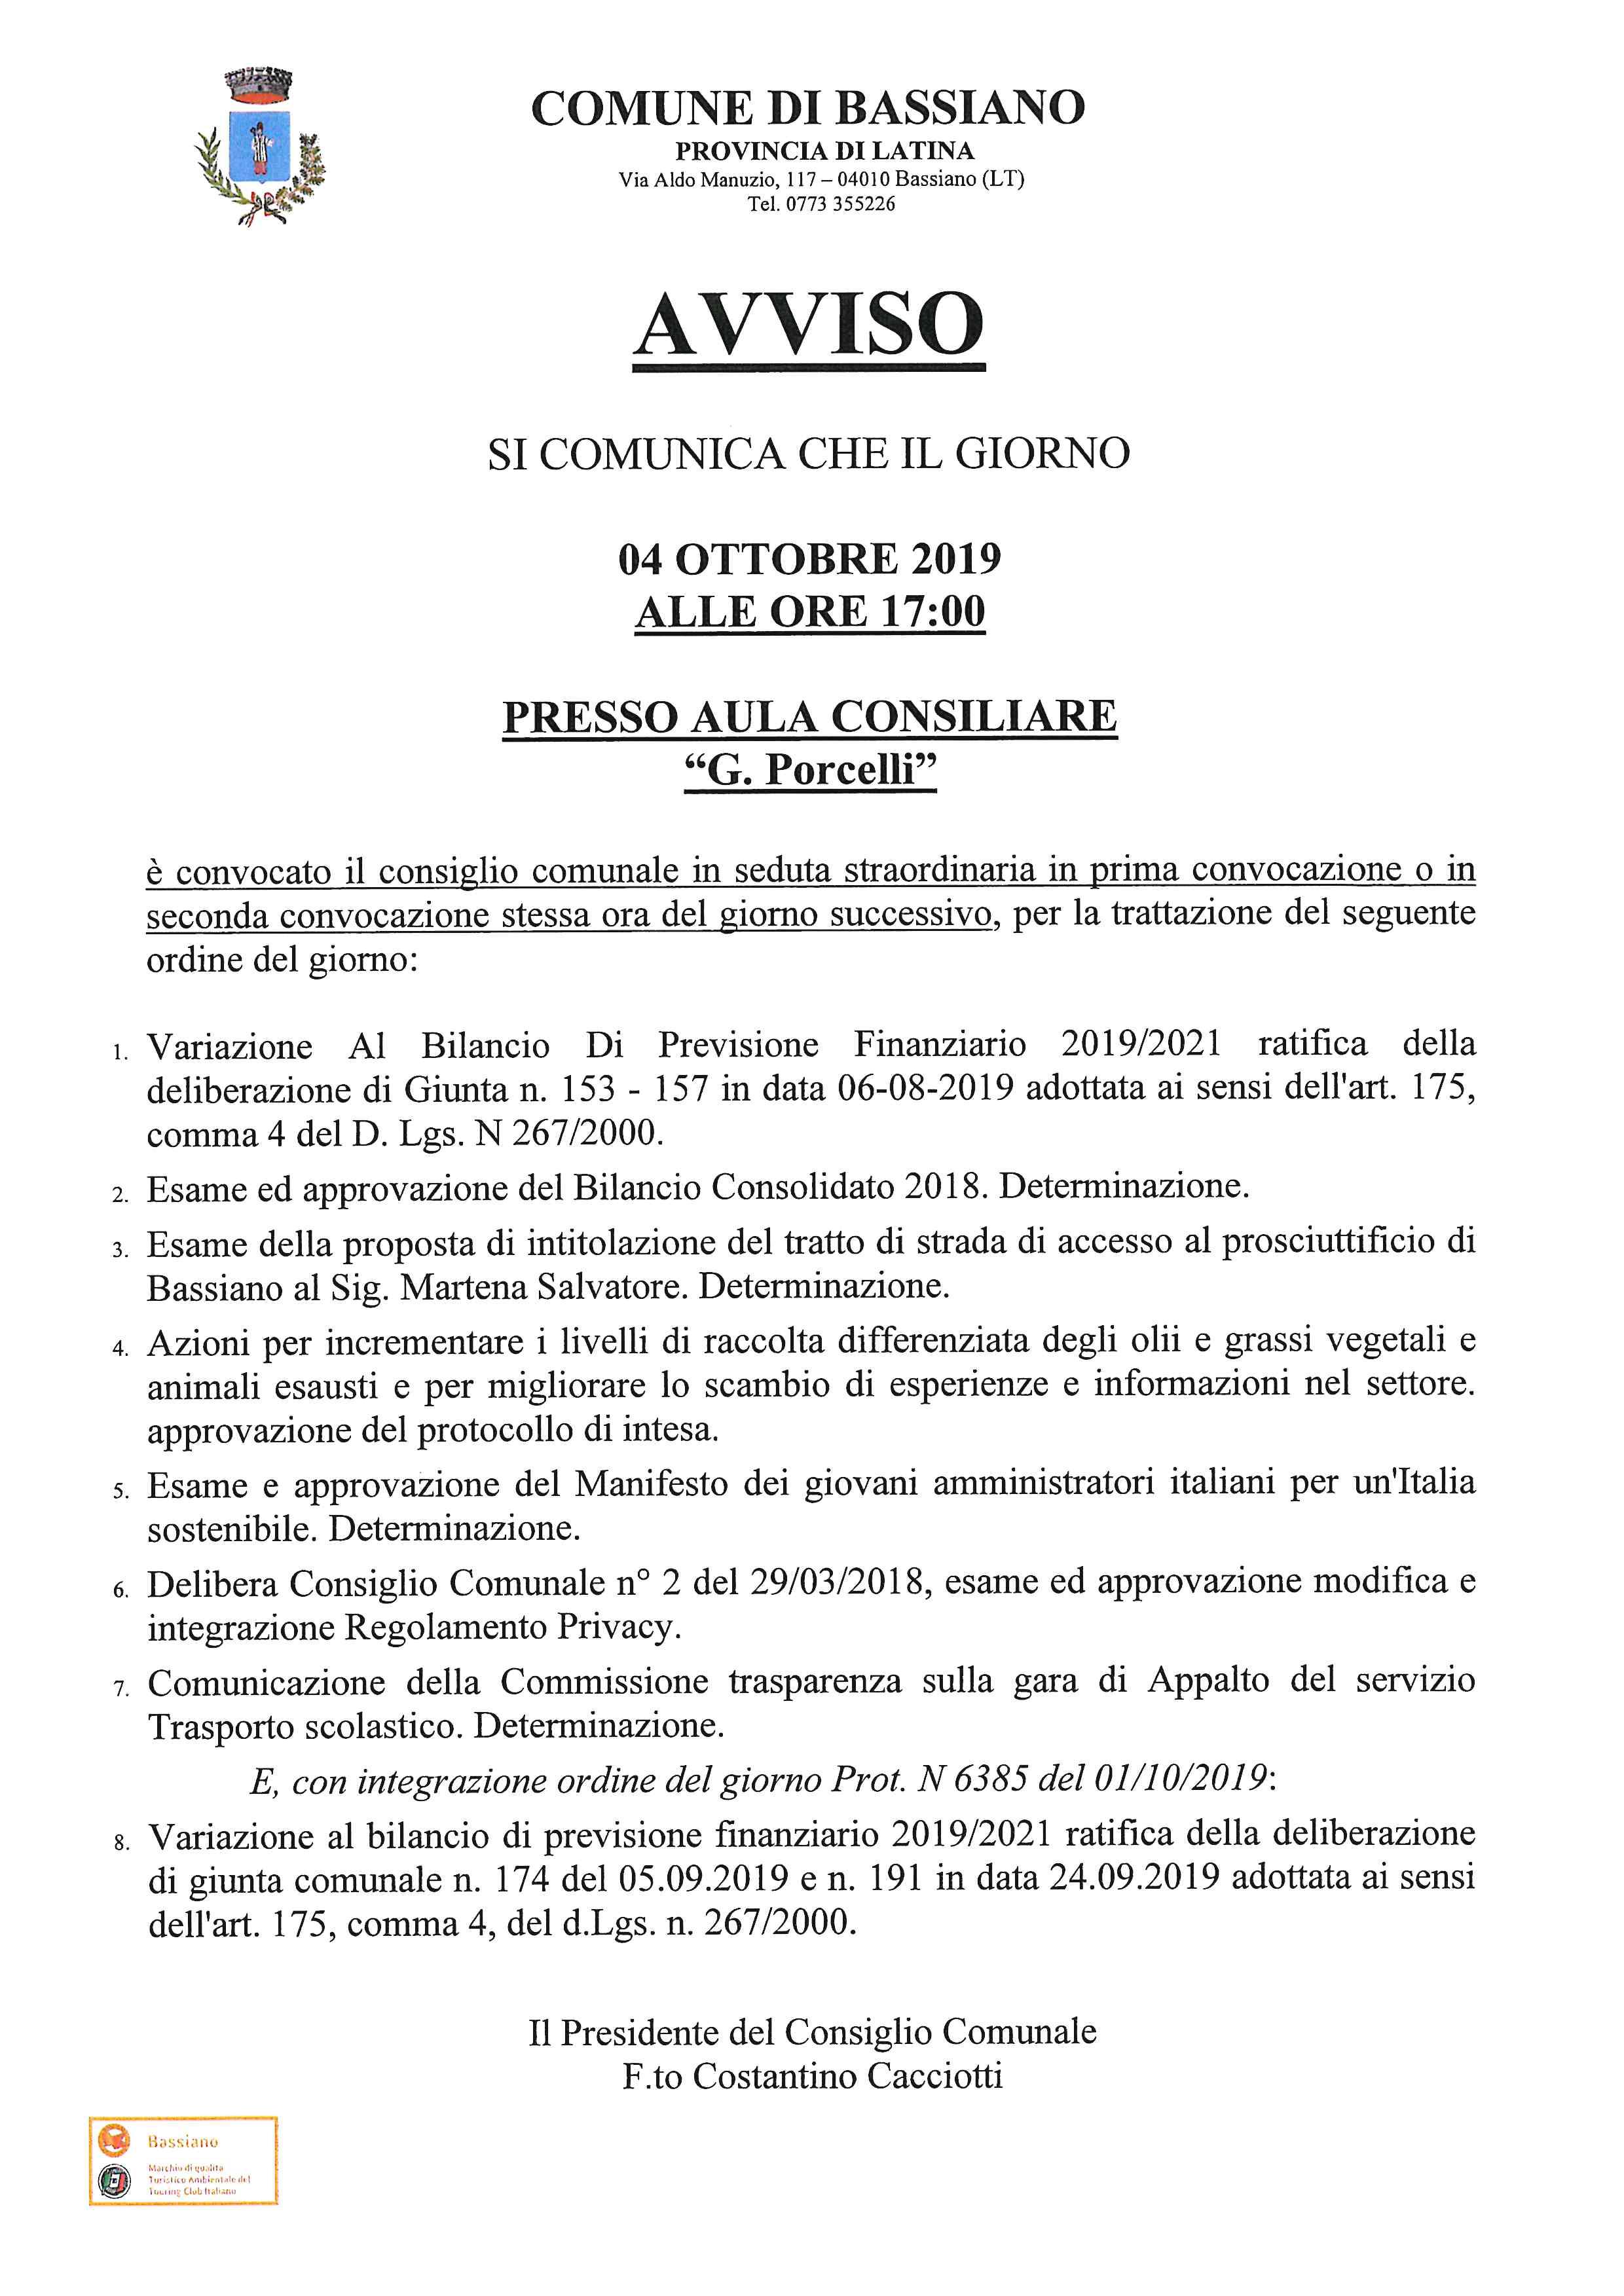 CONVOCAZIONE CONSIGLIO COMUNALE DEL 04 OTTOBRE 2019 ALLE ORE 17:00  PRESSO AULA CONSILIARE  G. PORCELLI